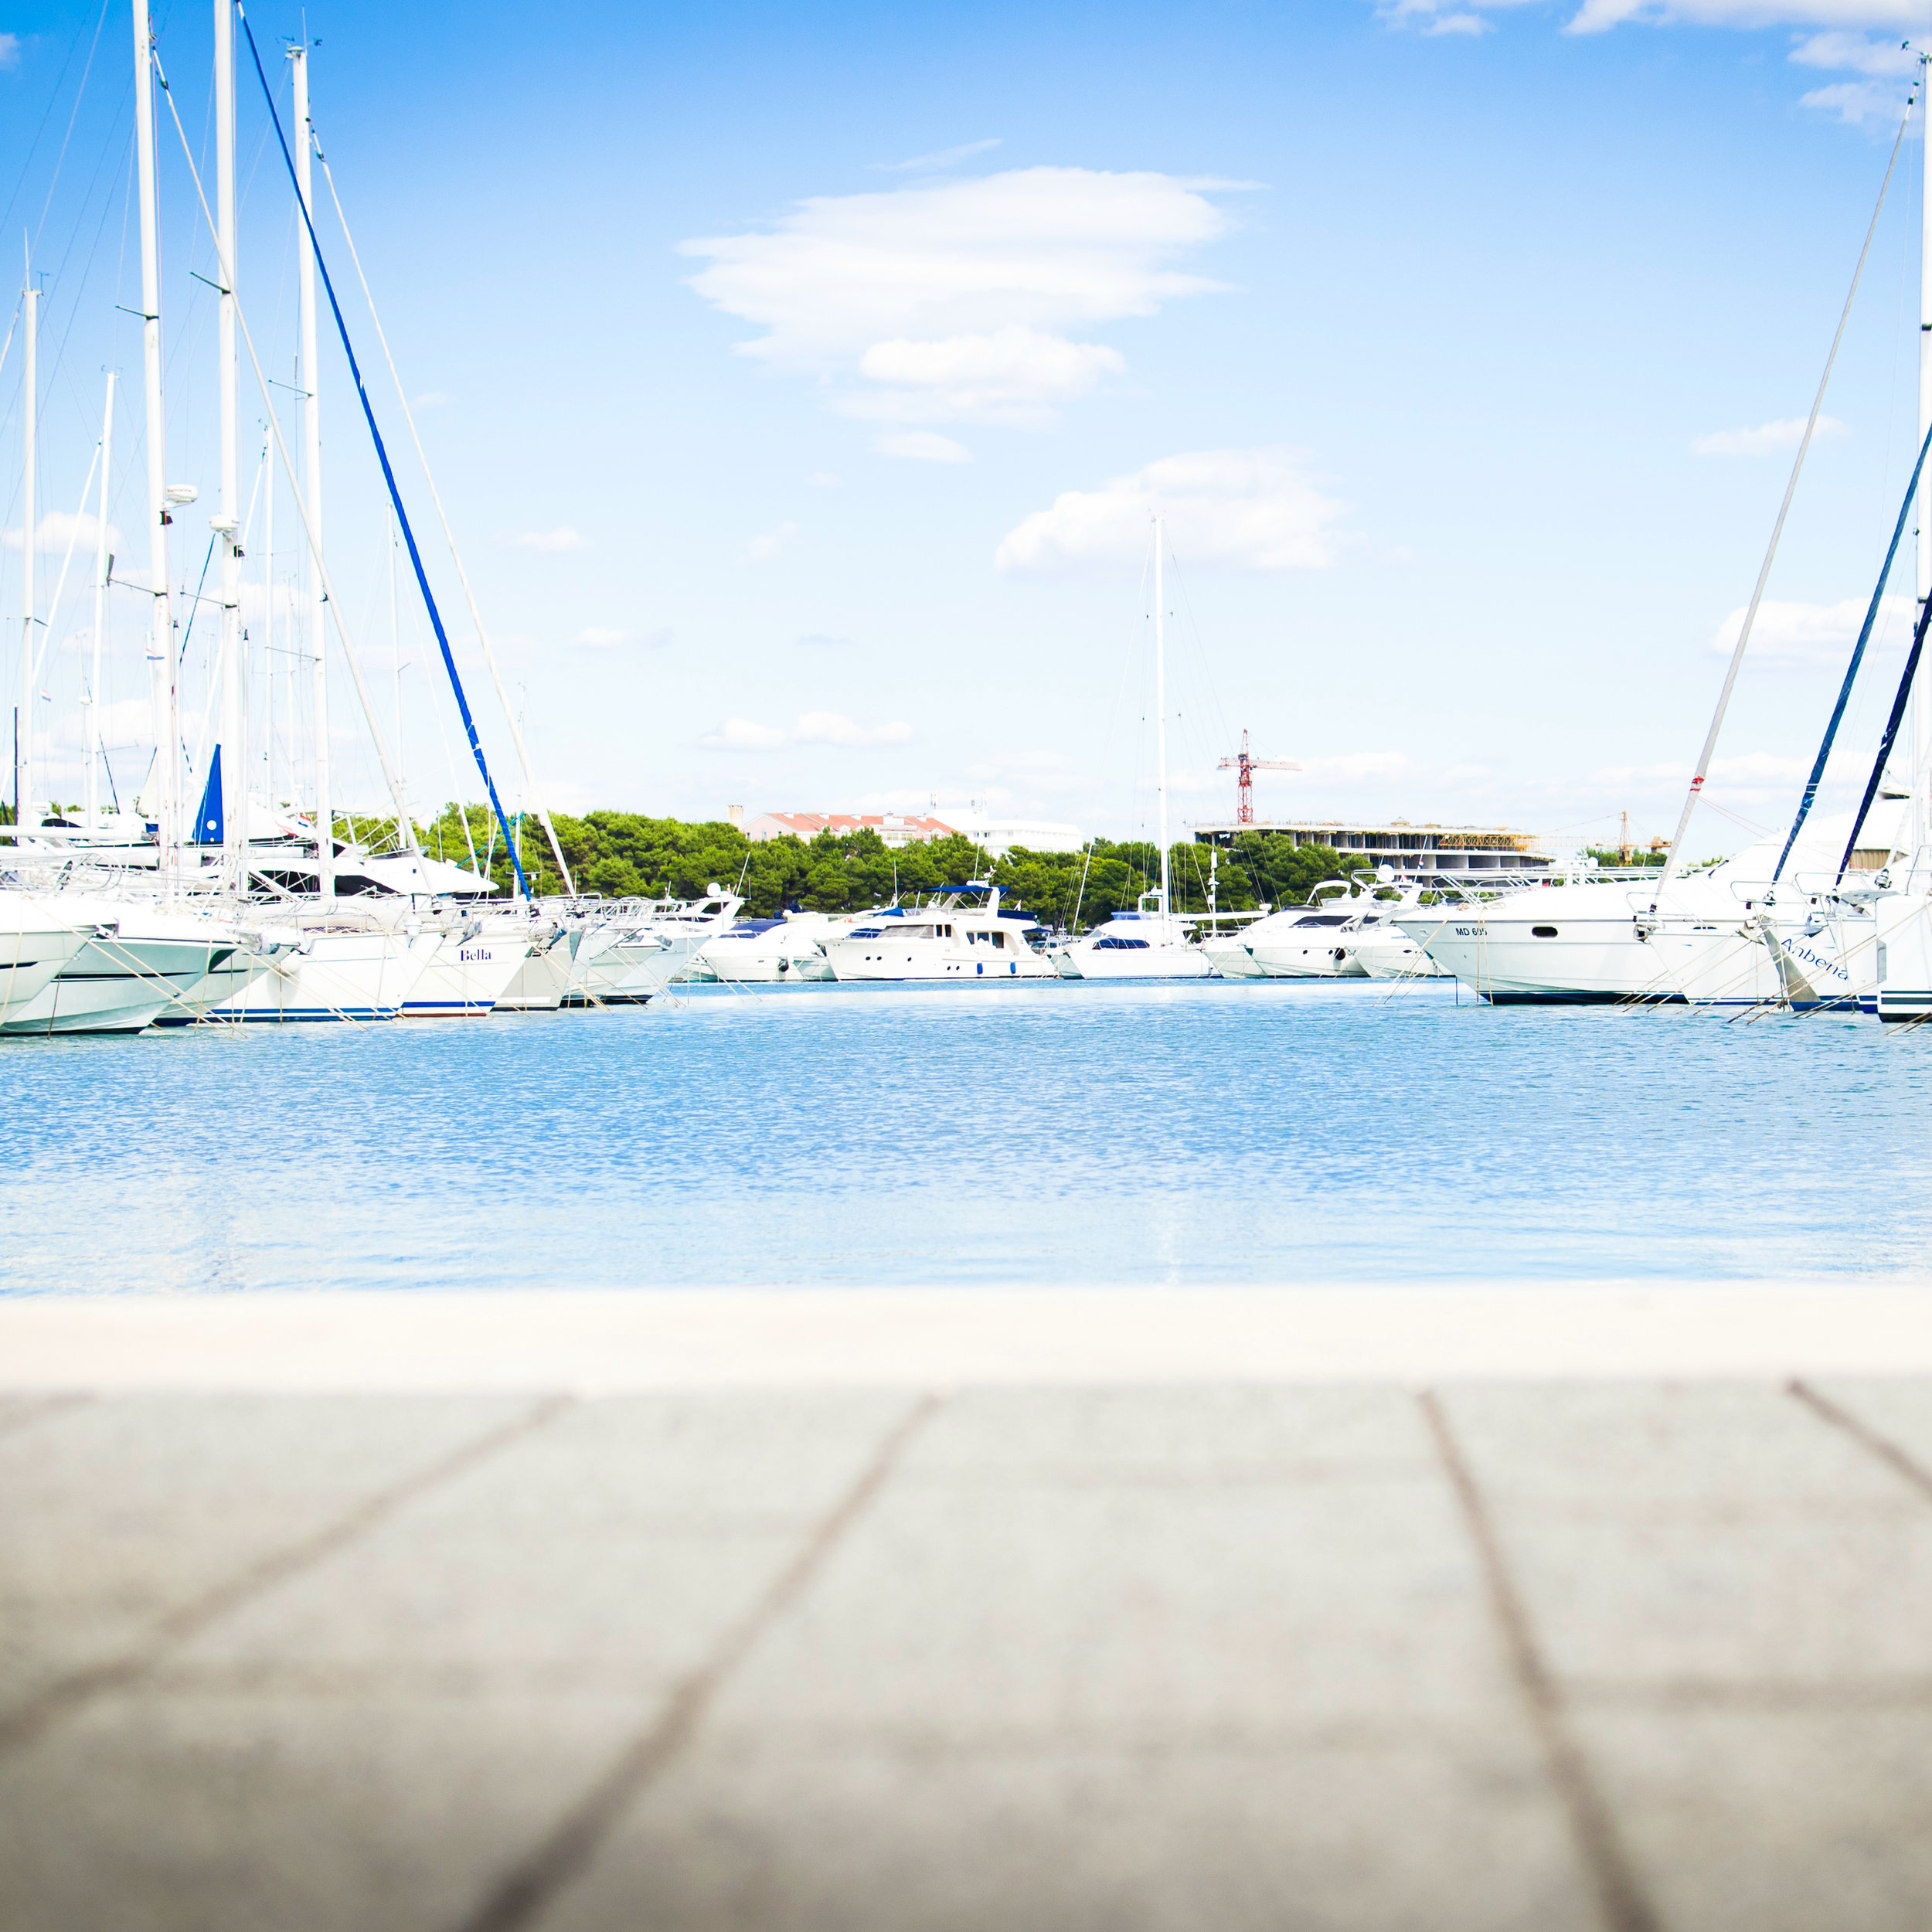 golds_wine_spirits_yacht_provisioning_newport.jpg